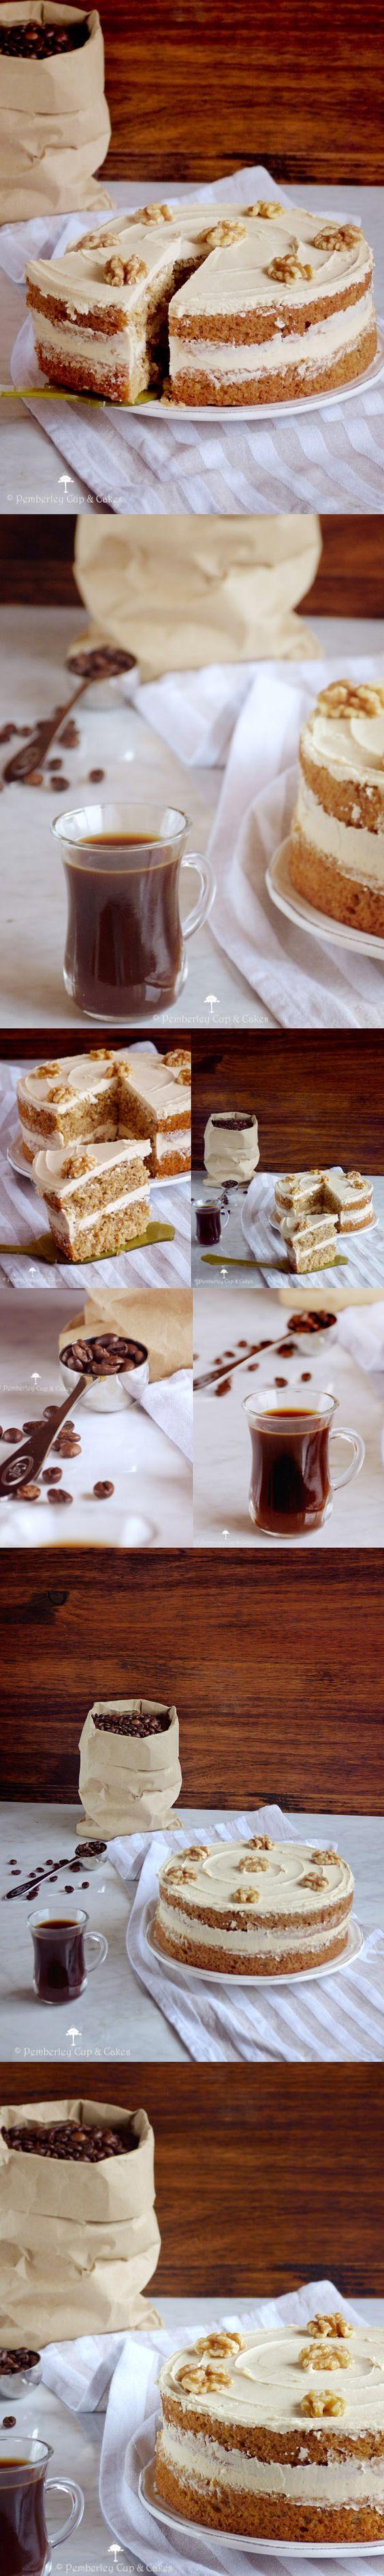 Tarta de cafe y nueces